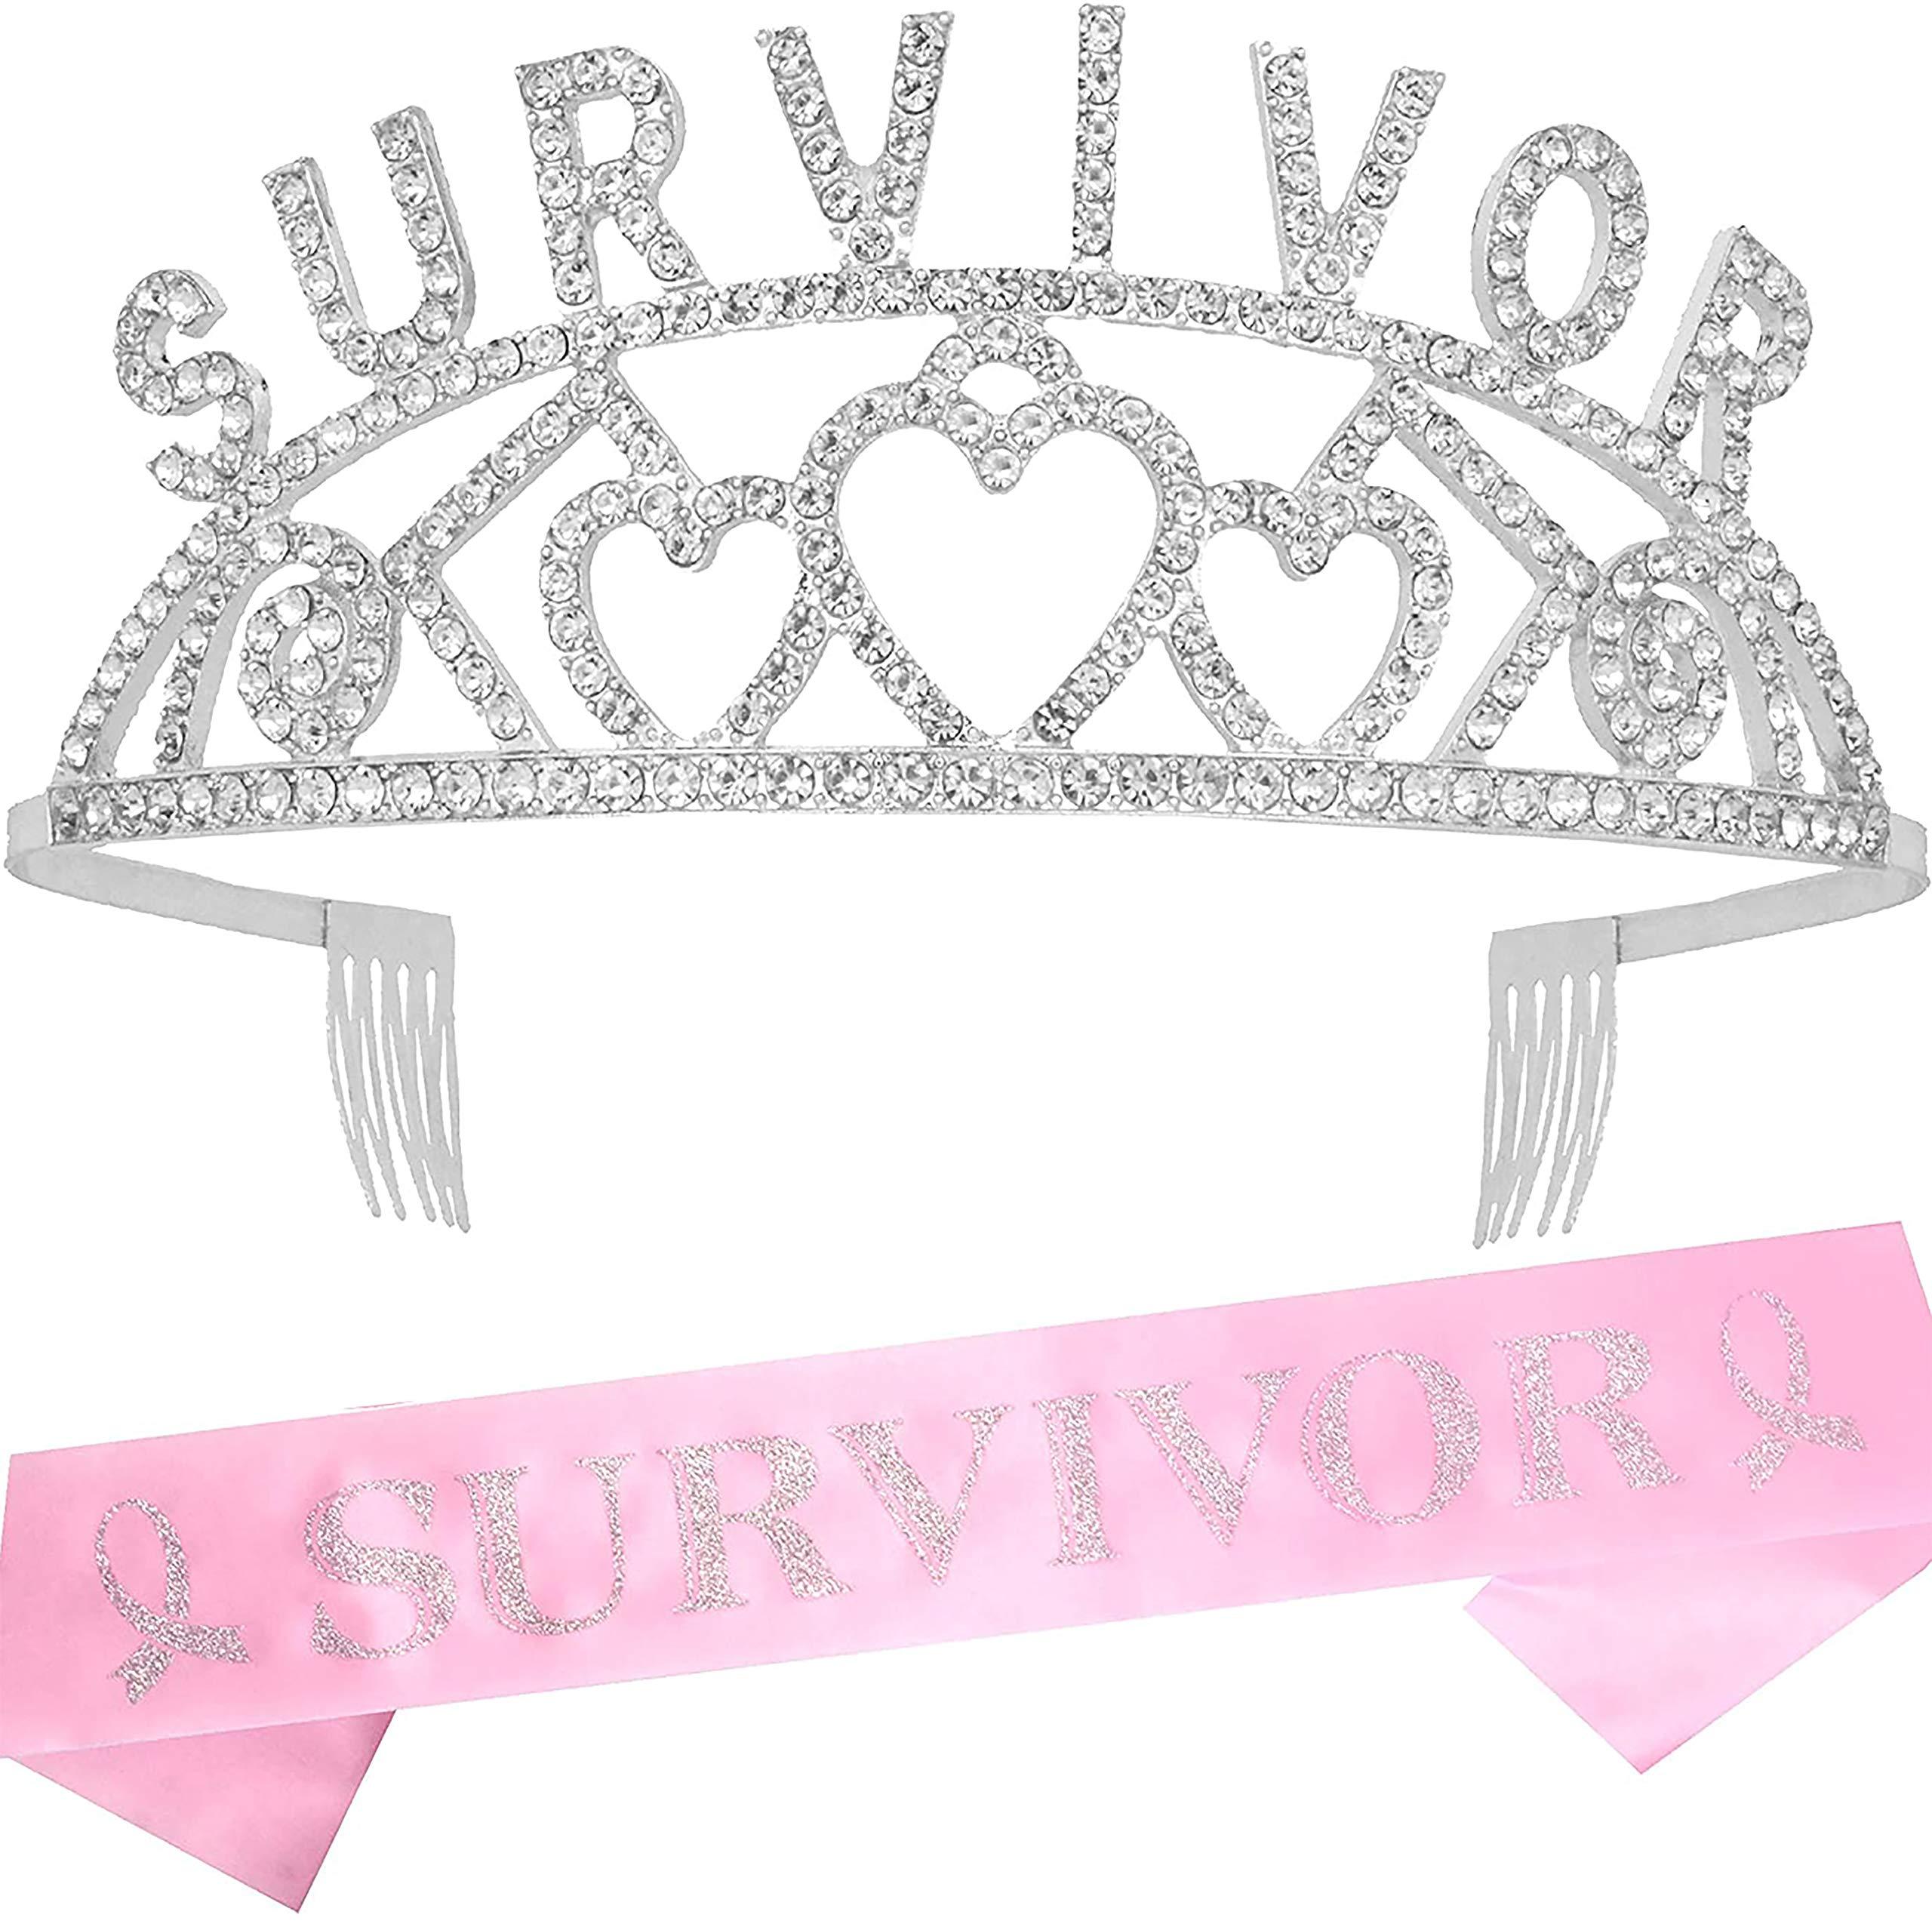 Cancer survivor sash